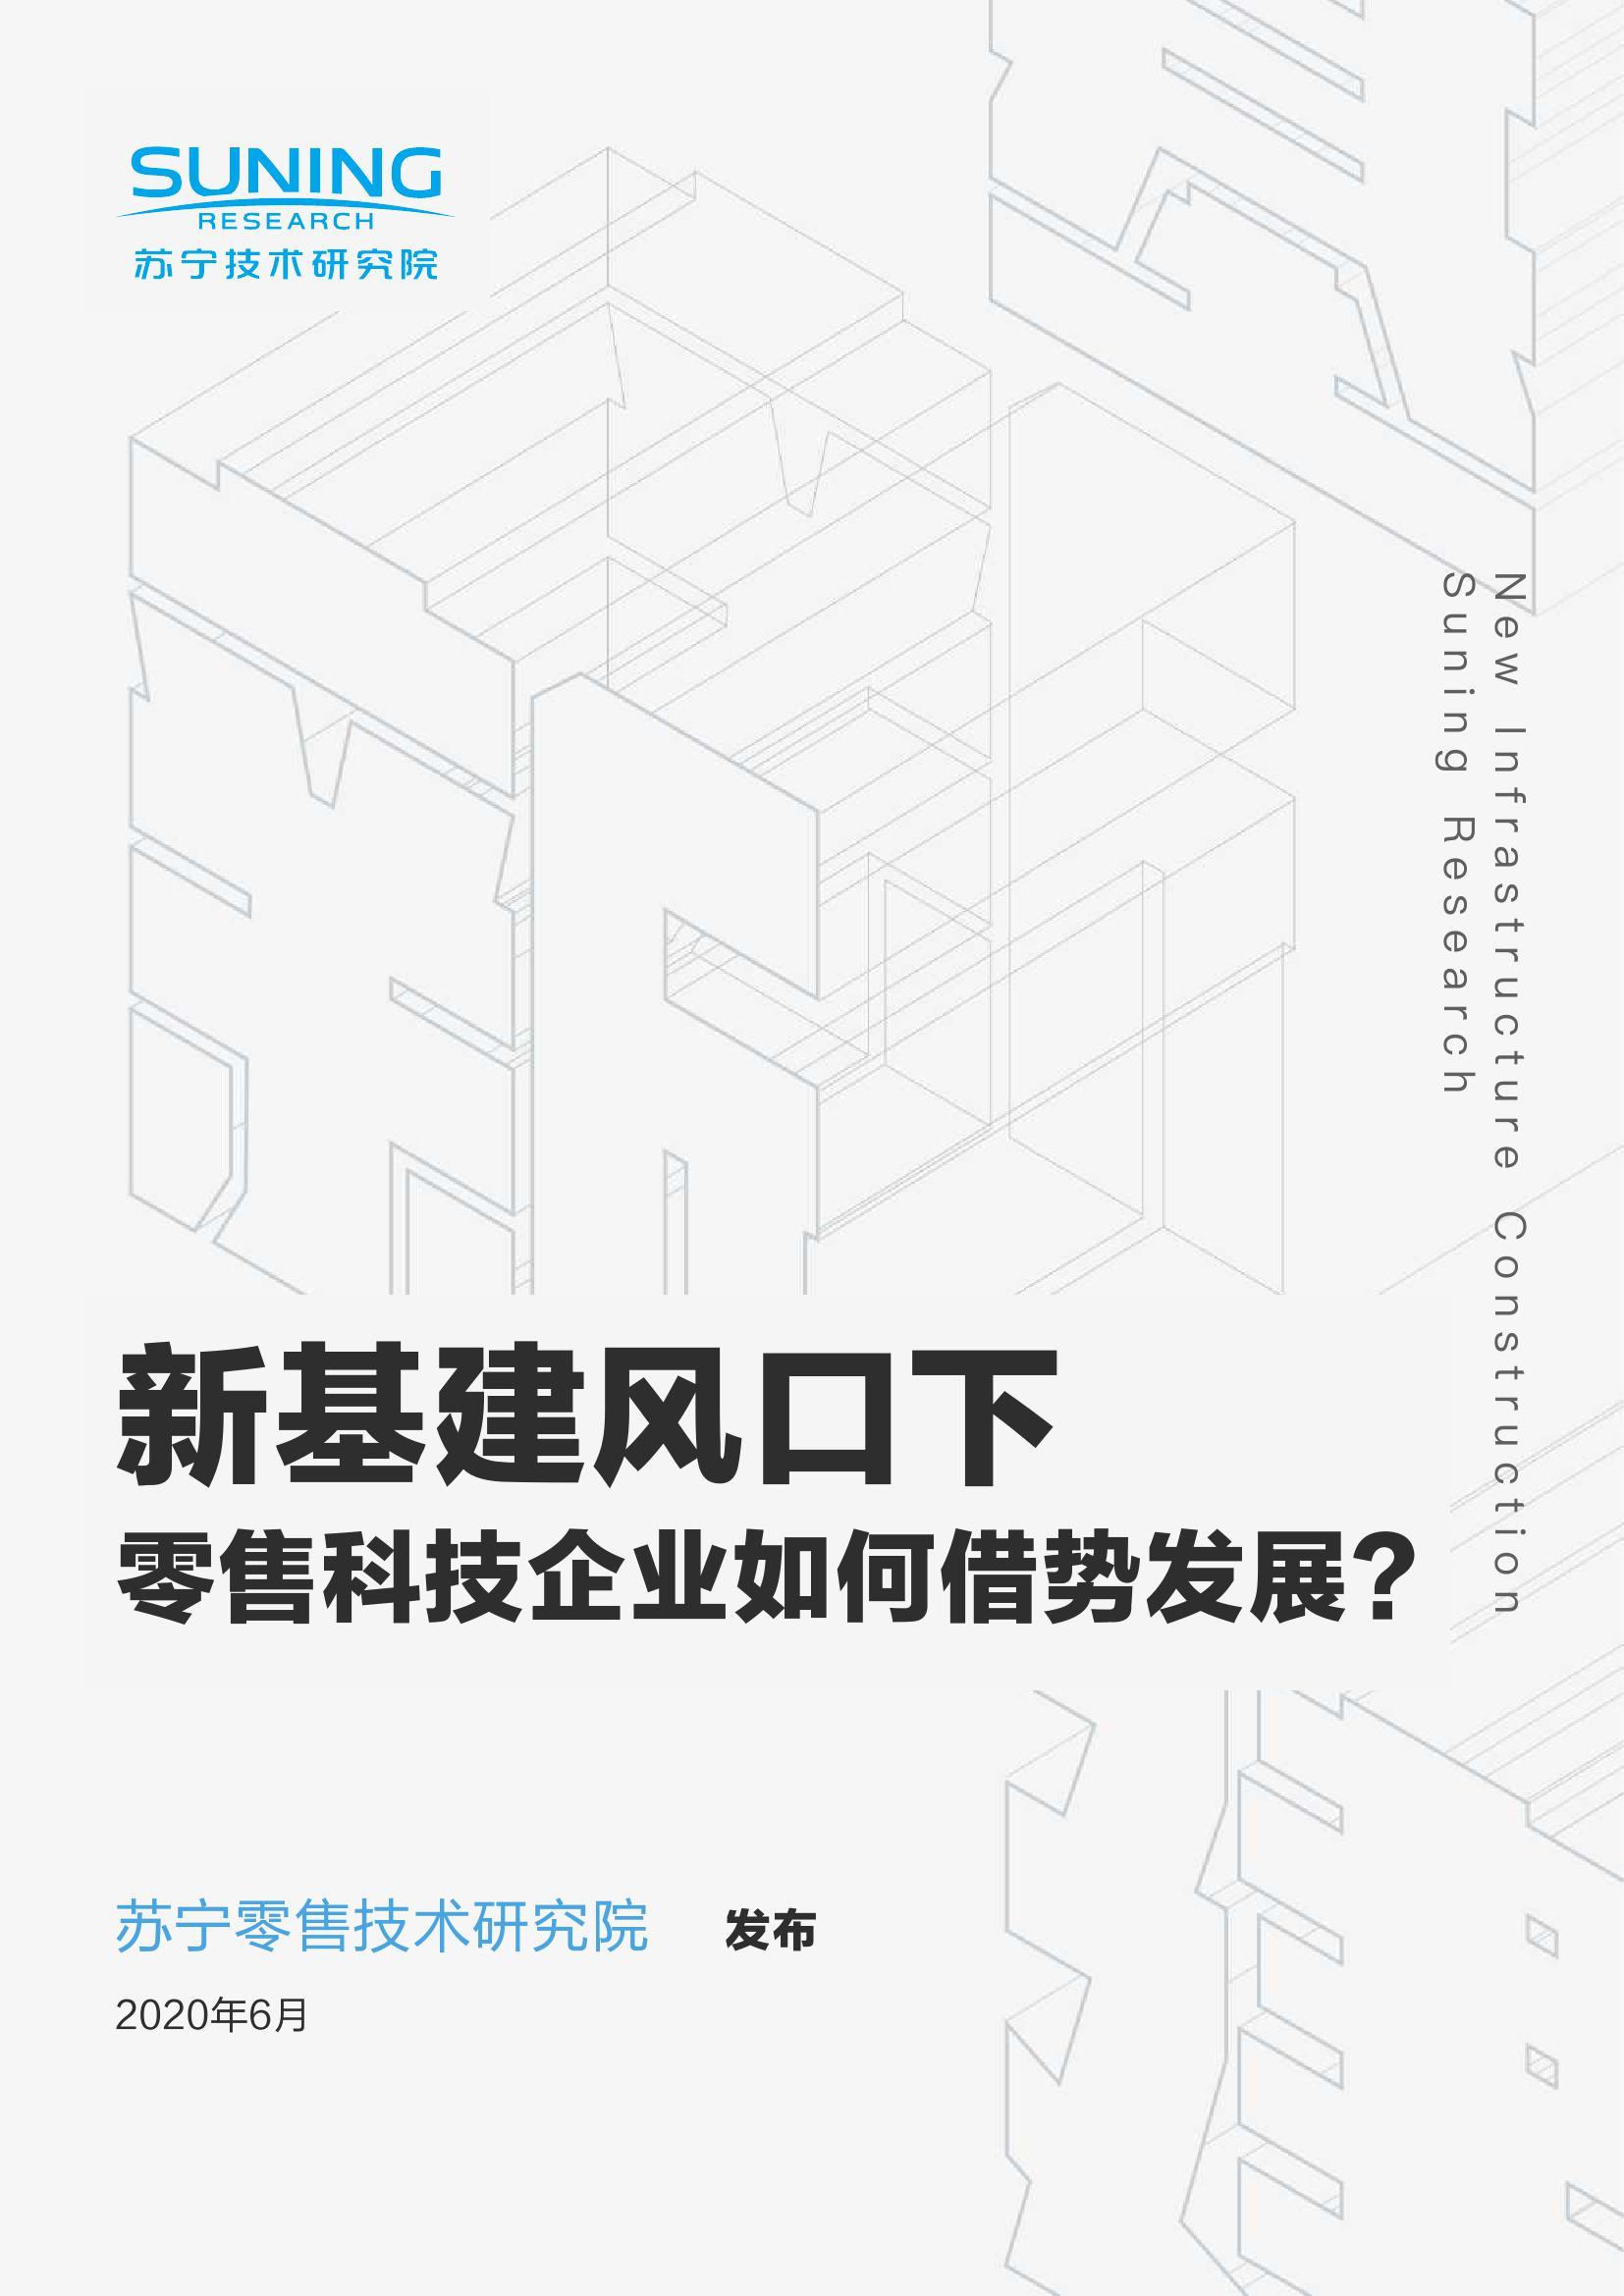 新基建风口下:零售科技企业如何借势发展(附下载)